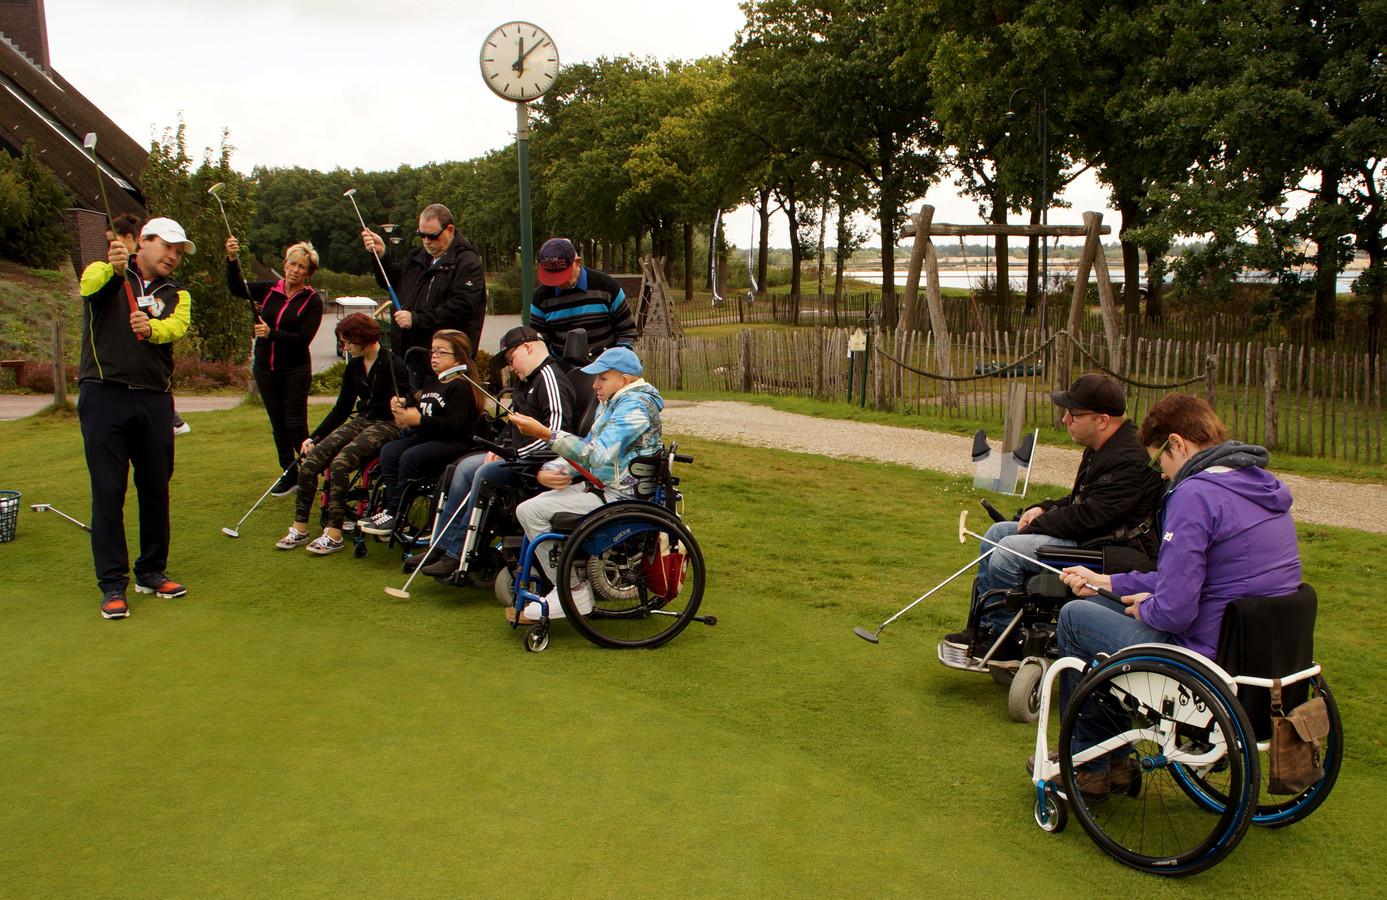 Deelnemers aan een golfclinic tijdens een eerdere editie van het Brabantse Disabled Golf in Bakel.